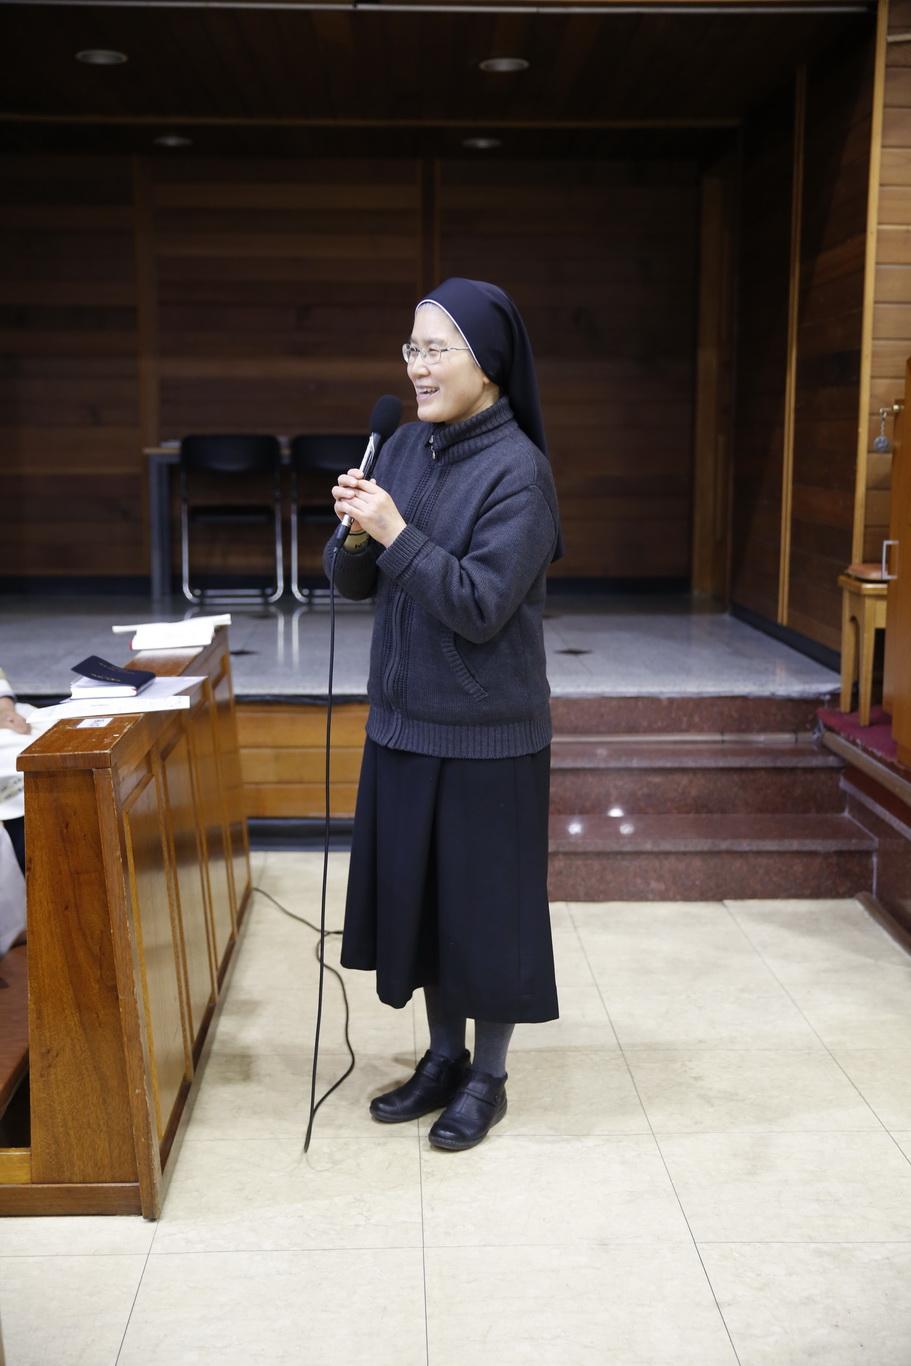 2019-12-29 복사단 졸업, 오 엘리사벳 수녀님 송별 (15)_크기변경.JPG